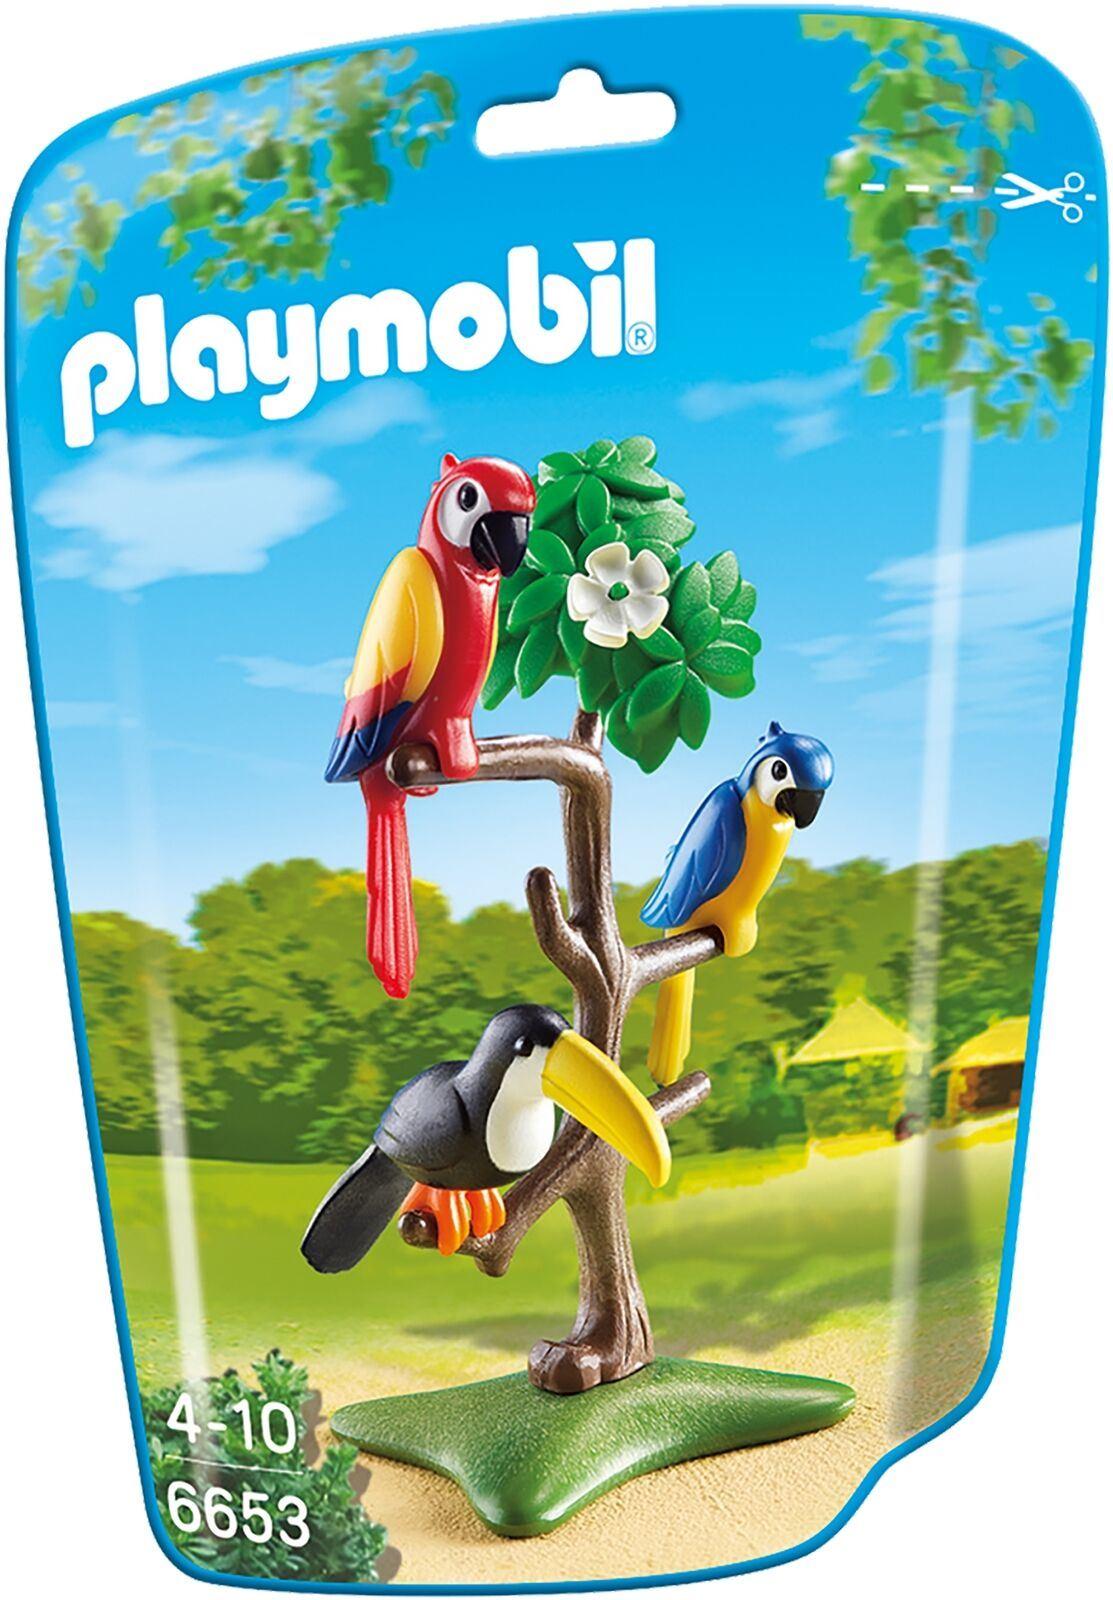 Détails Sur Playmobil 6653 Vie Sauvage Animaux Famille Accessoire Assortiment Pack Tropical